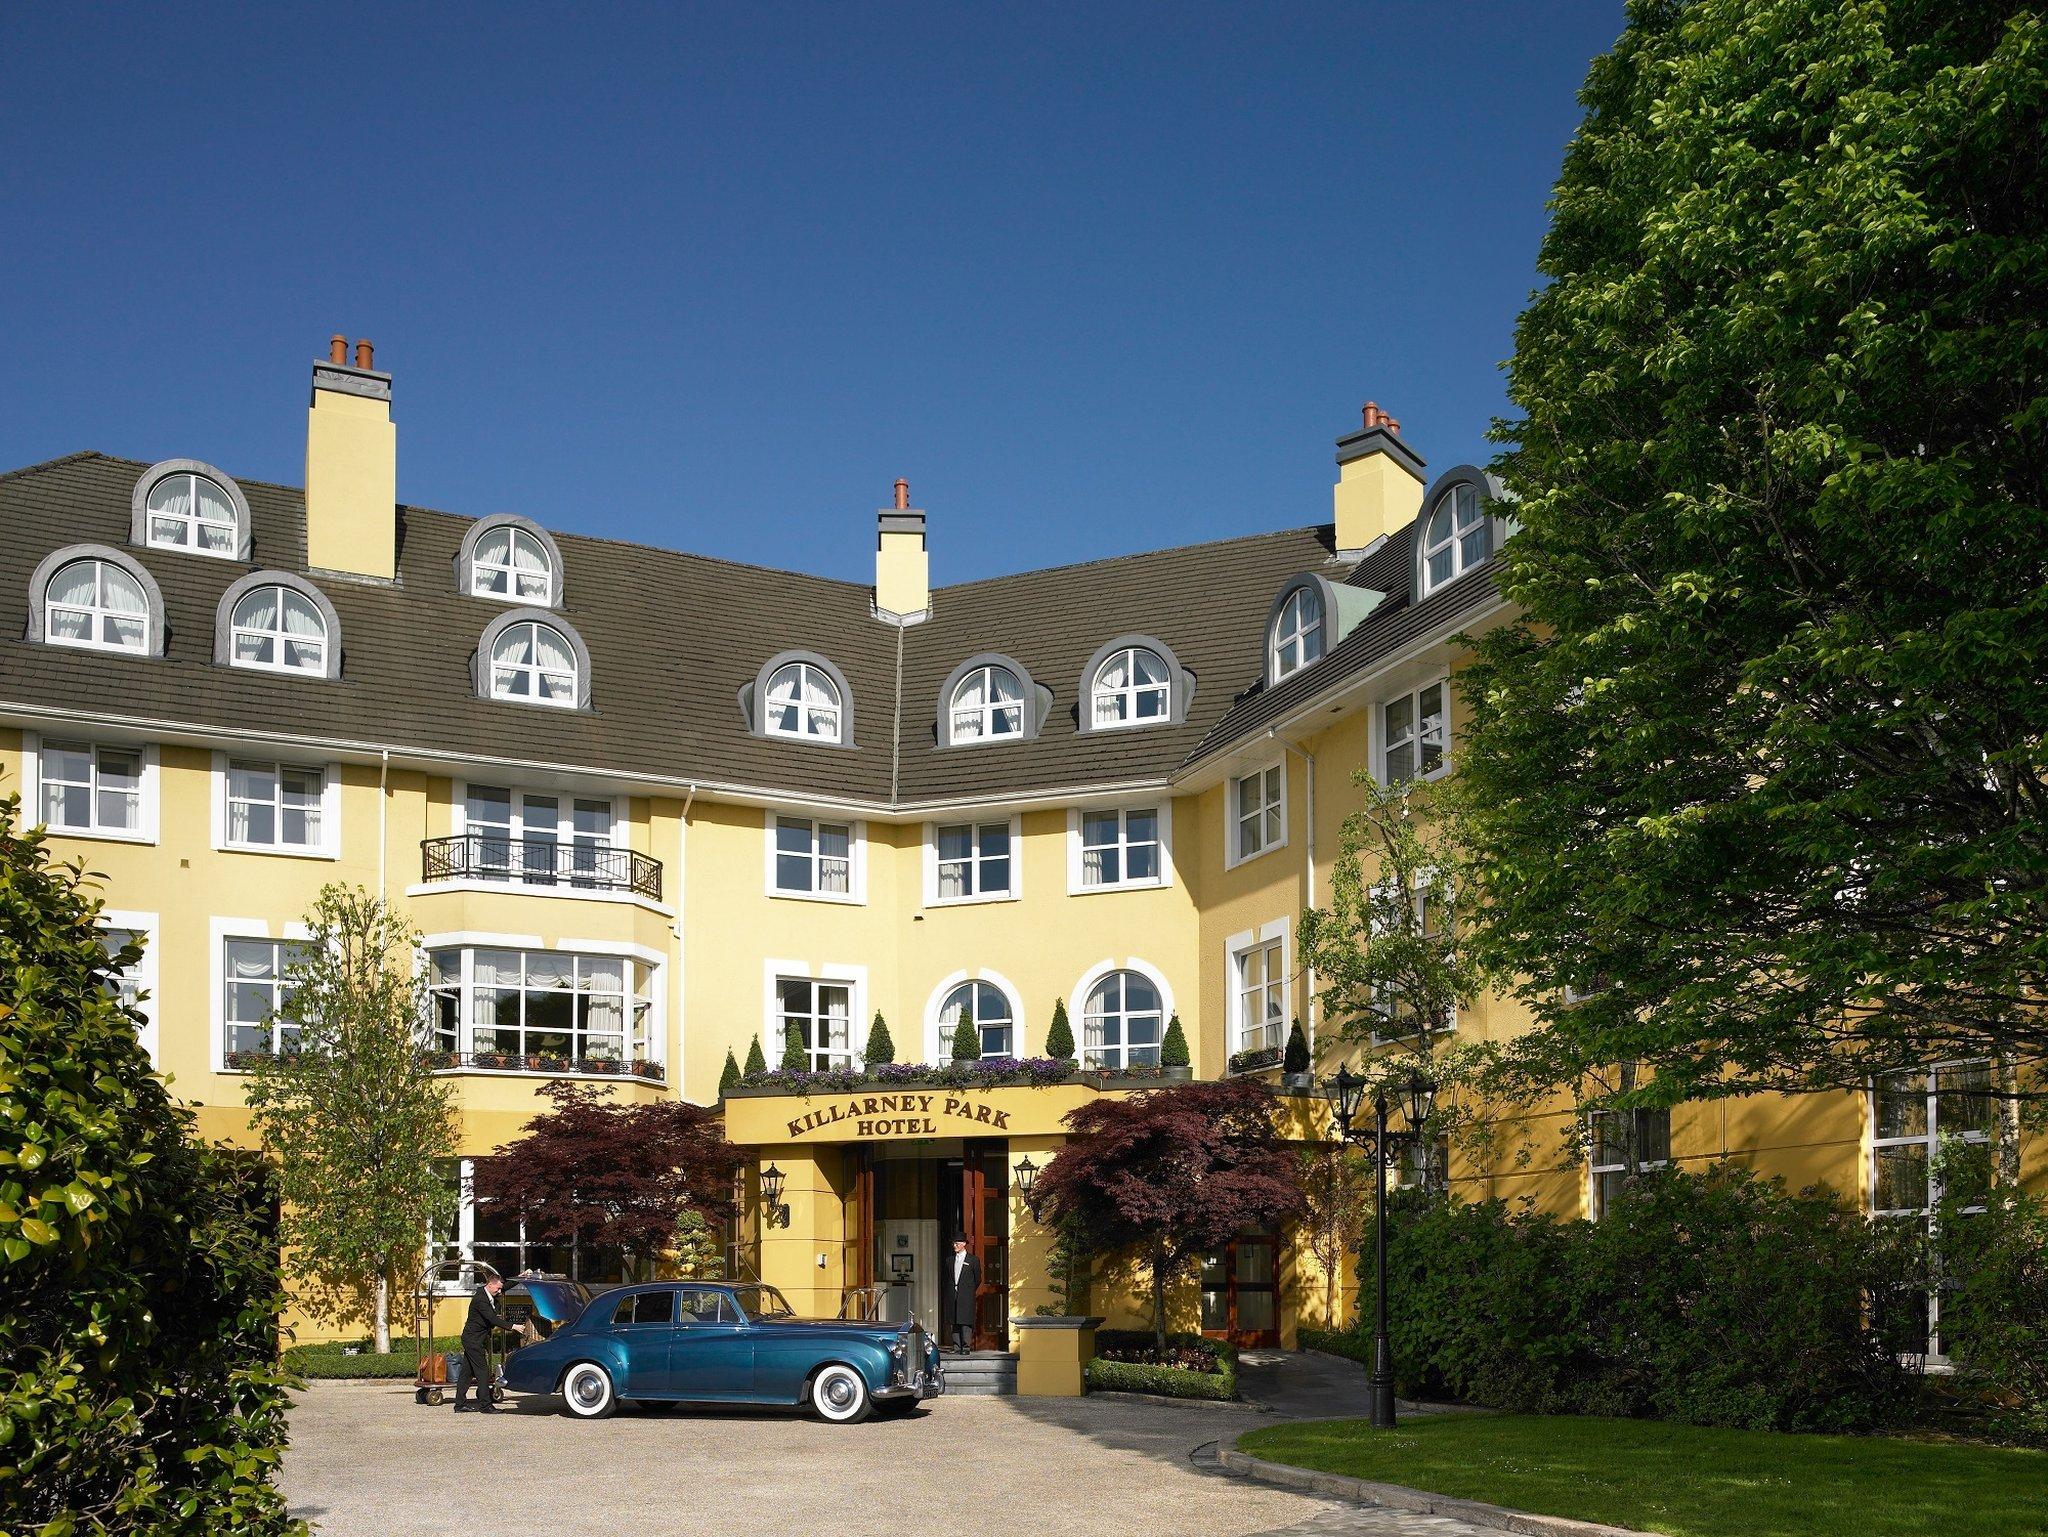 The Killarney Park Hotel